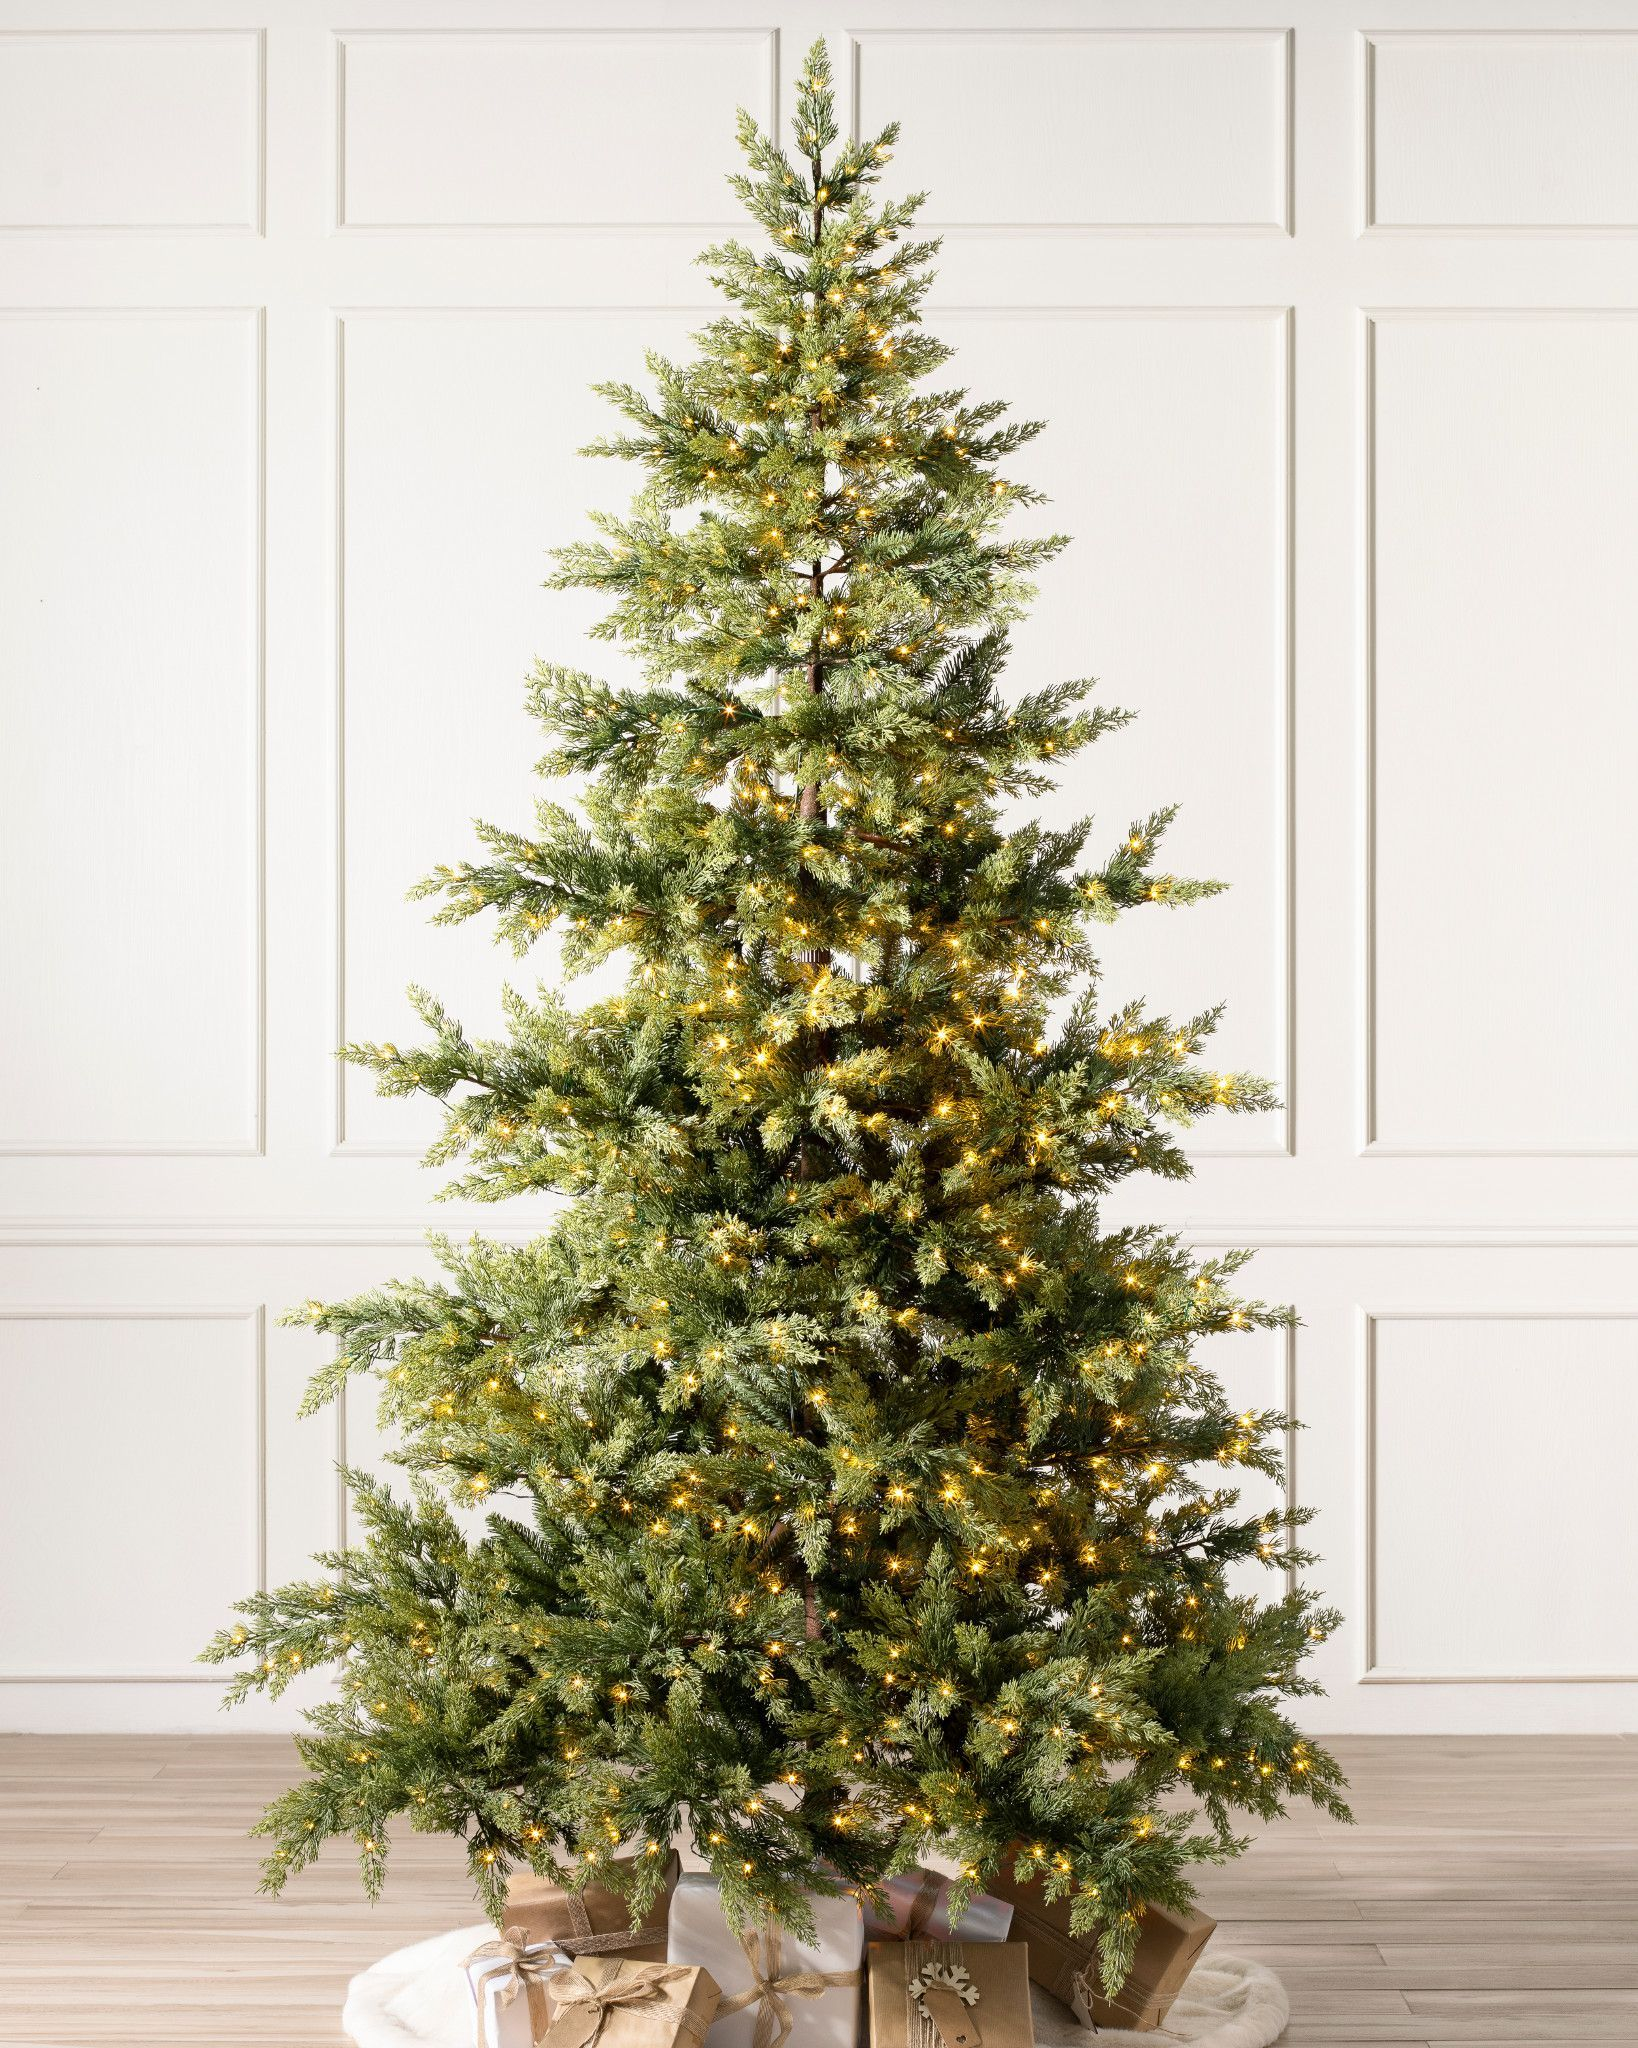 Grand Canyon Cedar Artificial Christmas Trees Balsam Hill In 2020 Realistic Artificial Christmas Trees Spruce Christmas Tree Artificial Christmas Tree